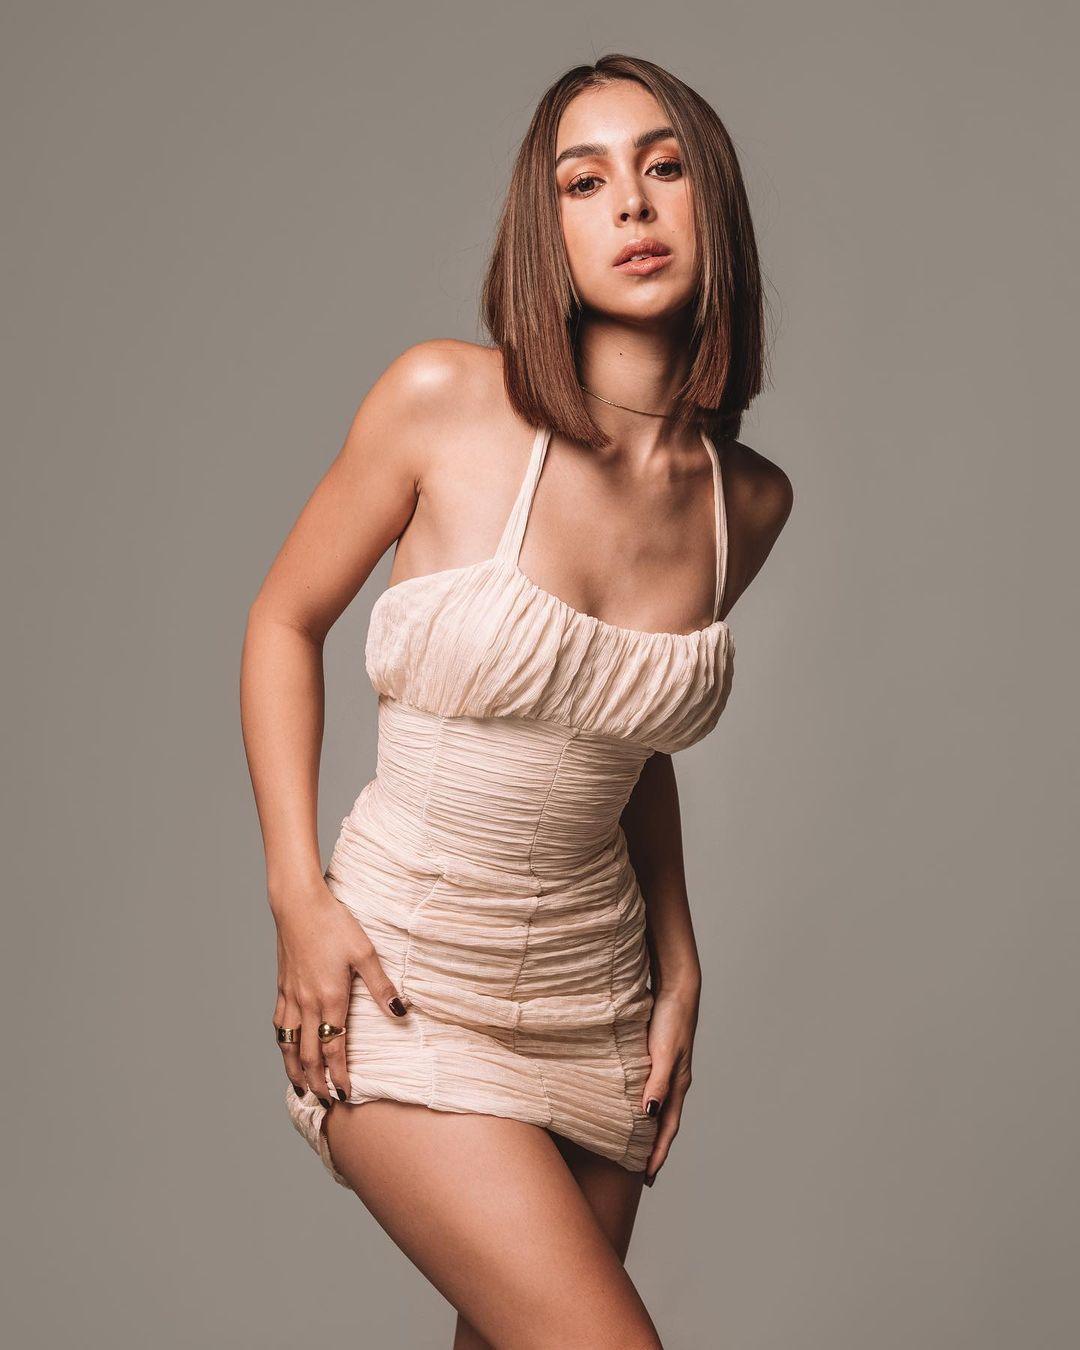 Julia Baretto